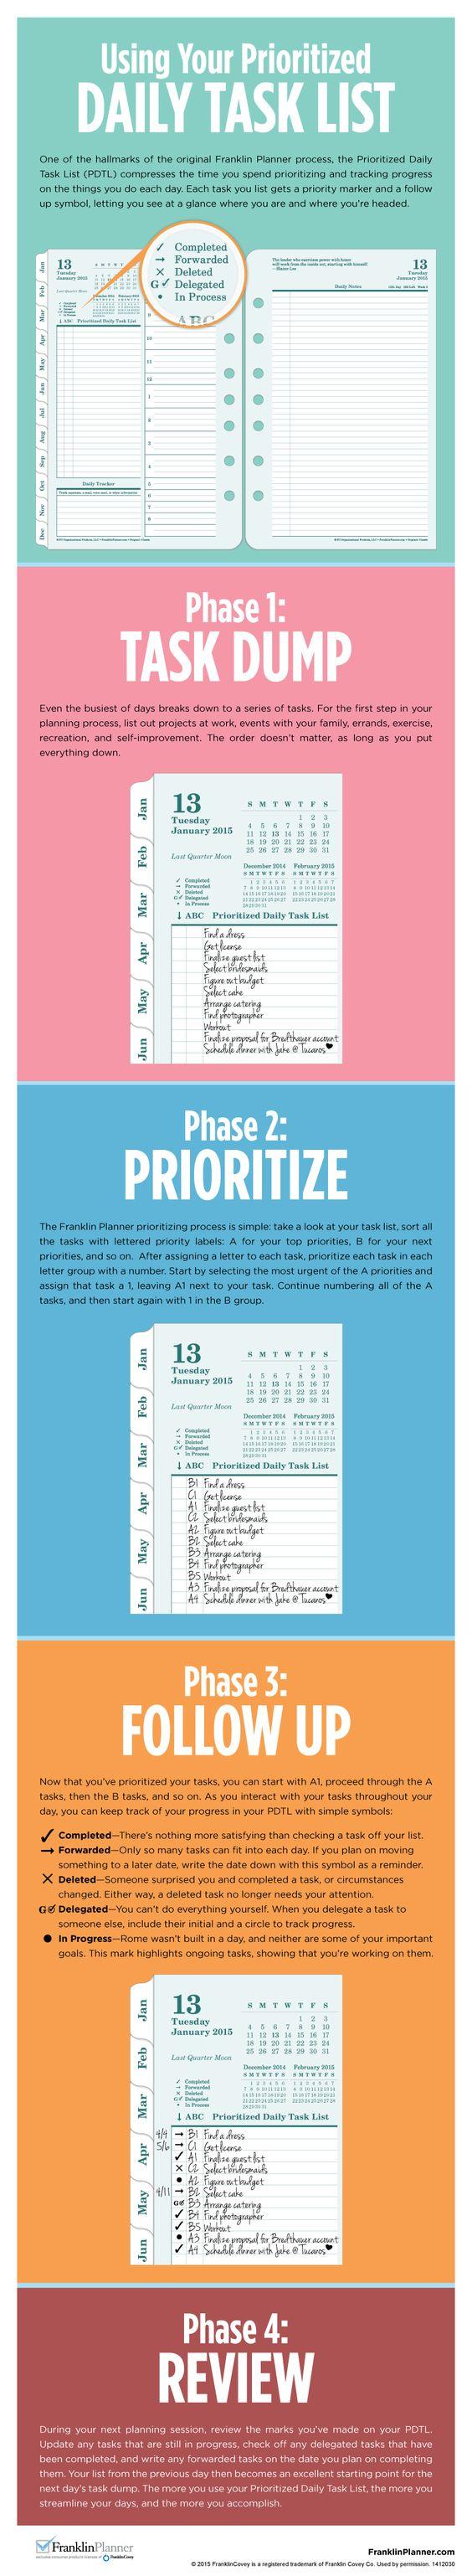 Une autre manière pour prioriser les tâches (FranklinPlanner System)